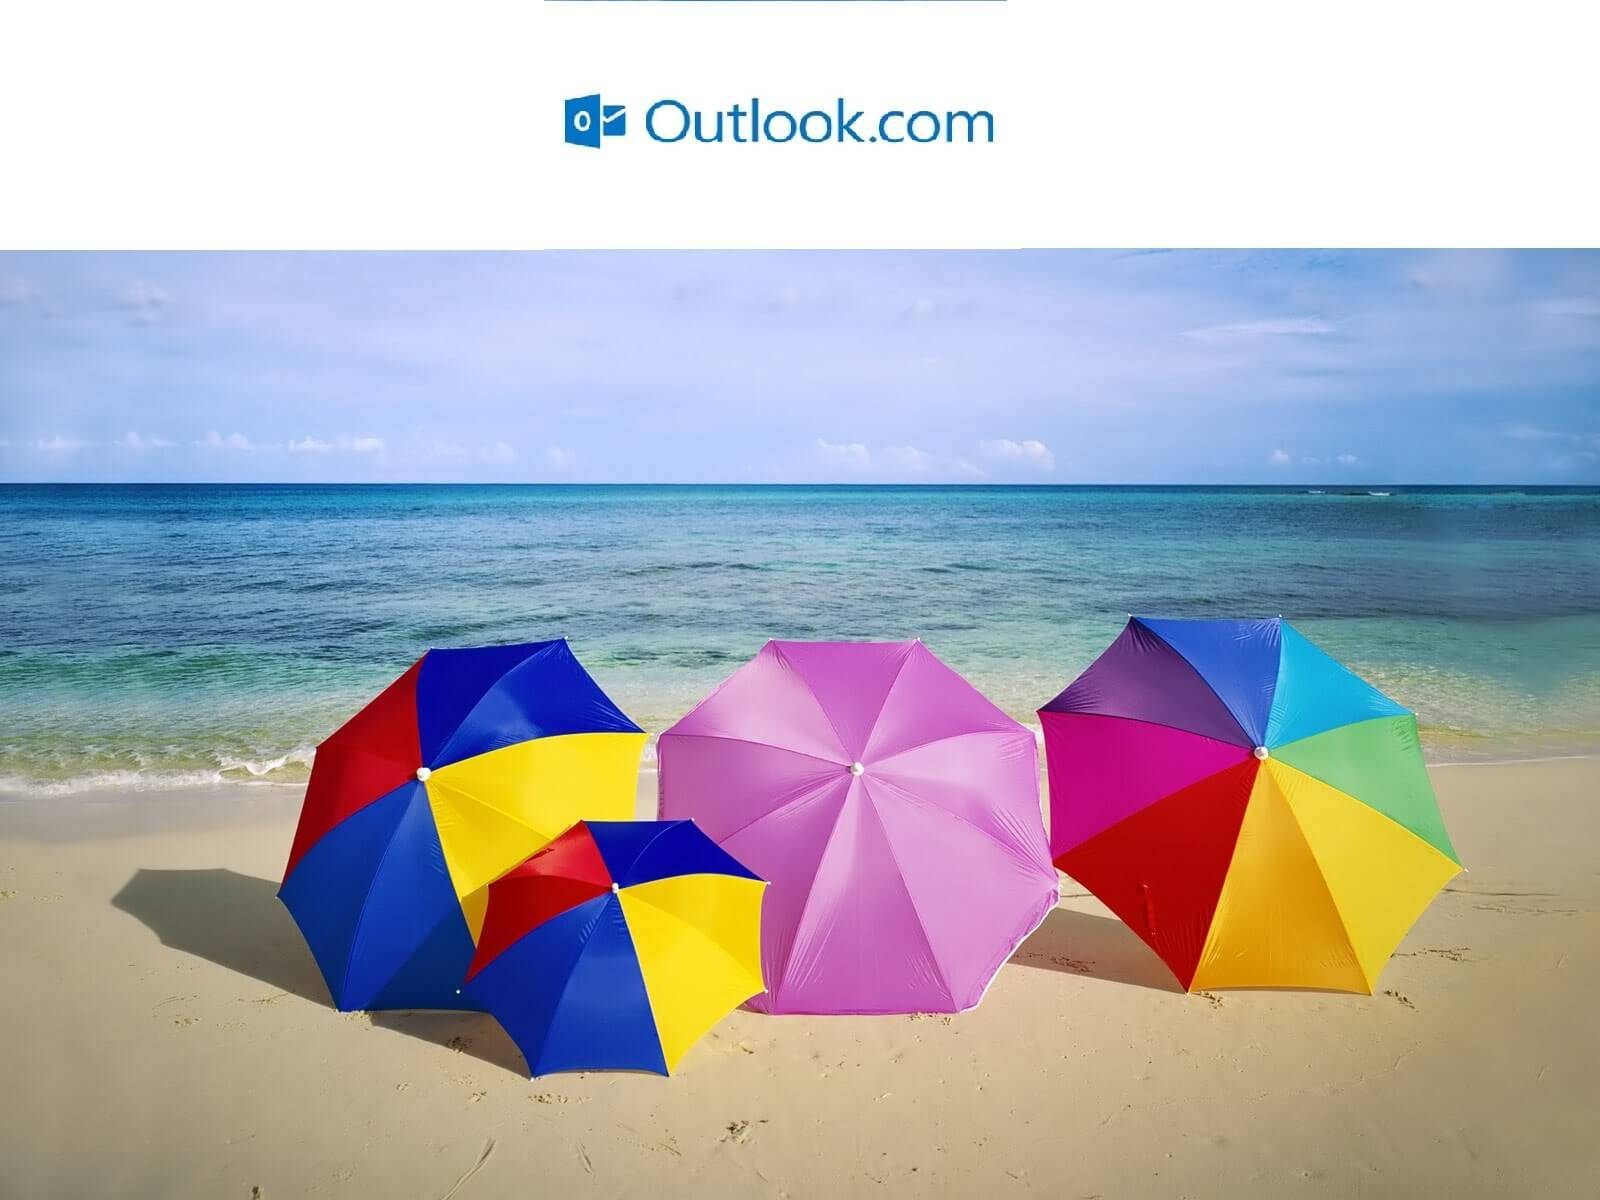 respostas automáticas de ausência no Outlook.com